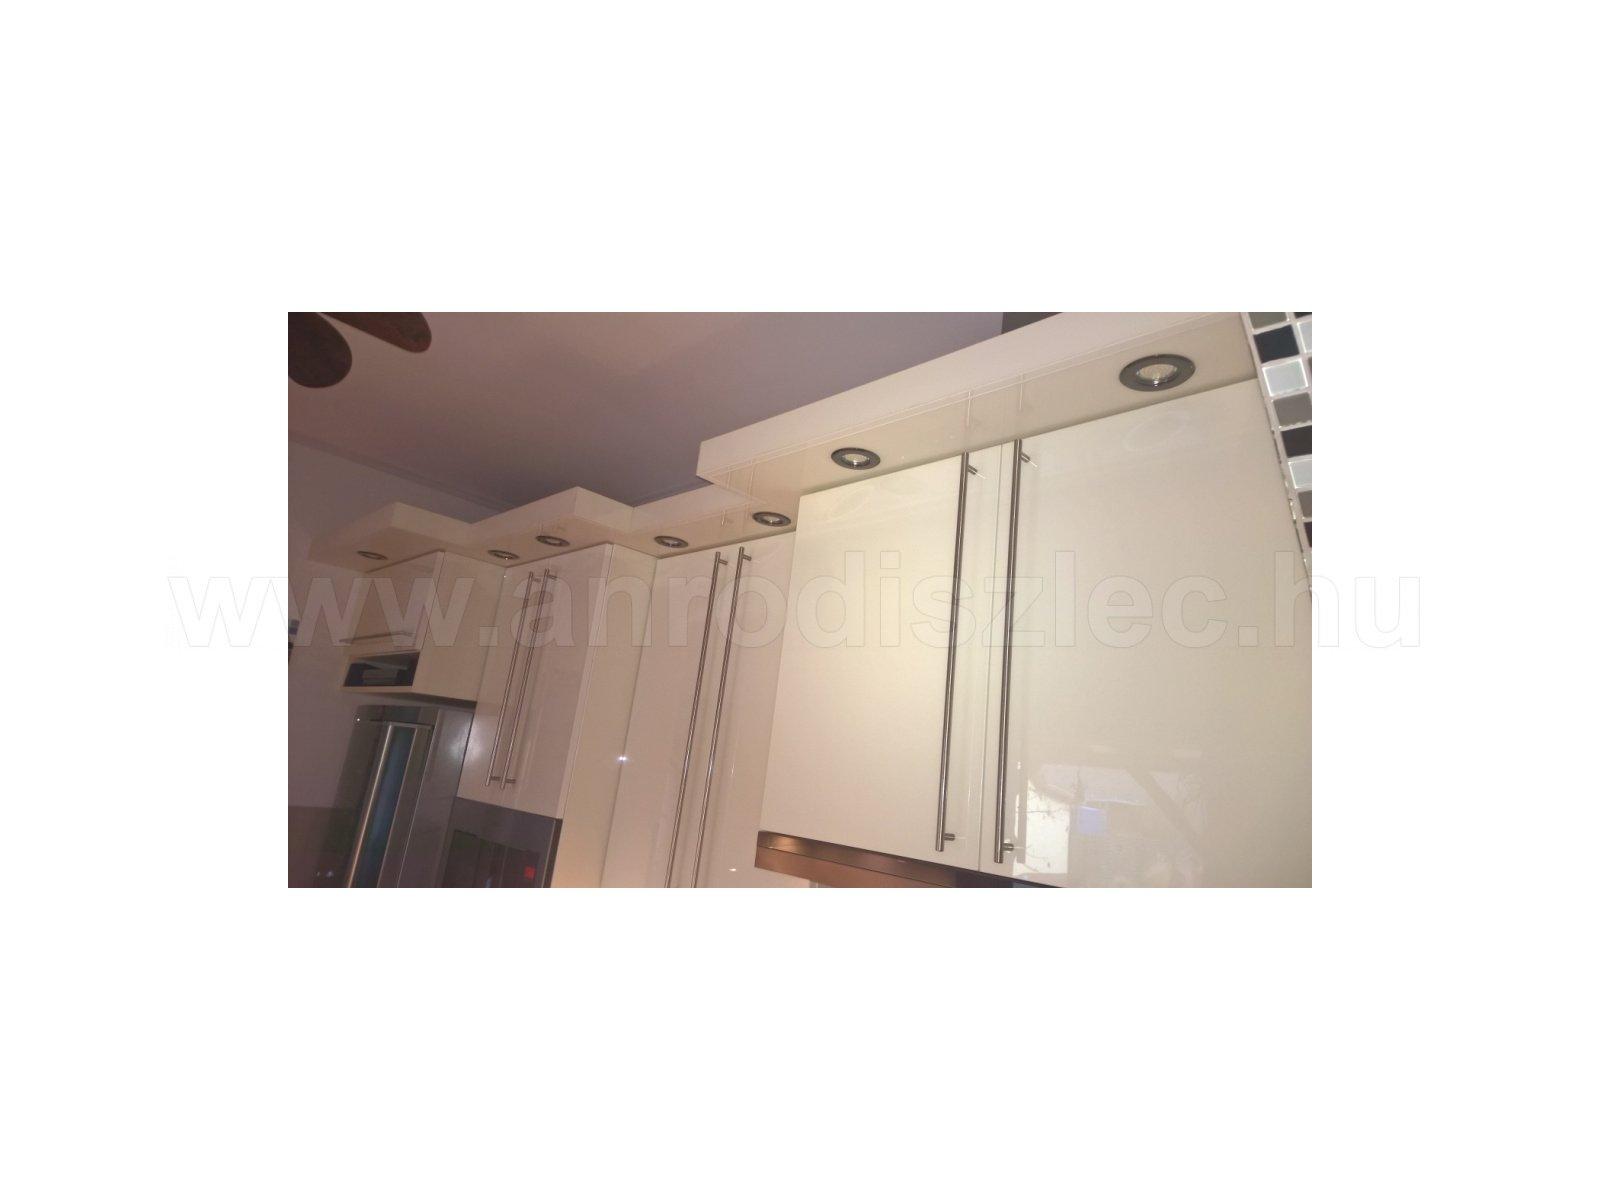 Modern konyhabútor párkányba épített spotlámpás világítással - Vásárlóink fotói - Díszléc és LED ...